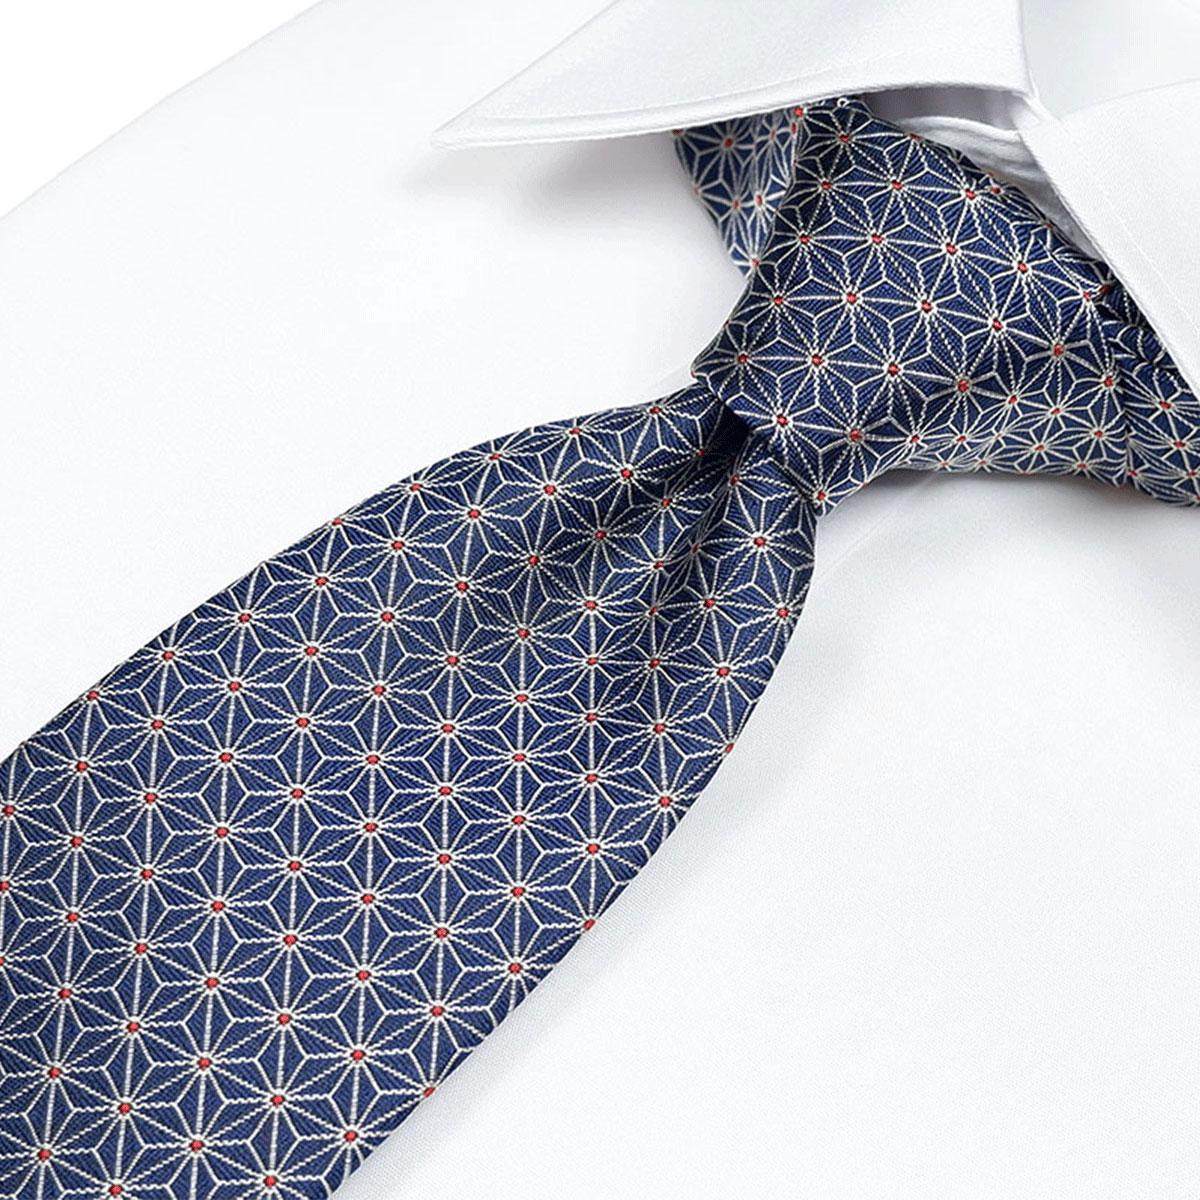 平安時代より伝わる麻の葉紋様 麻の葉紋ネクタイ